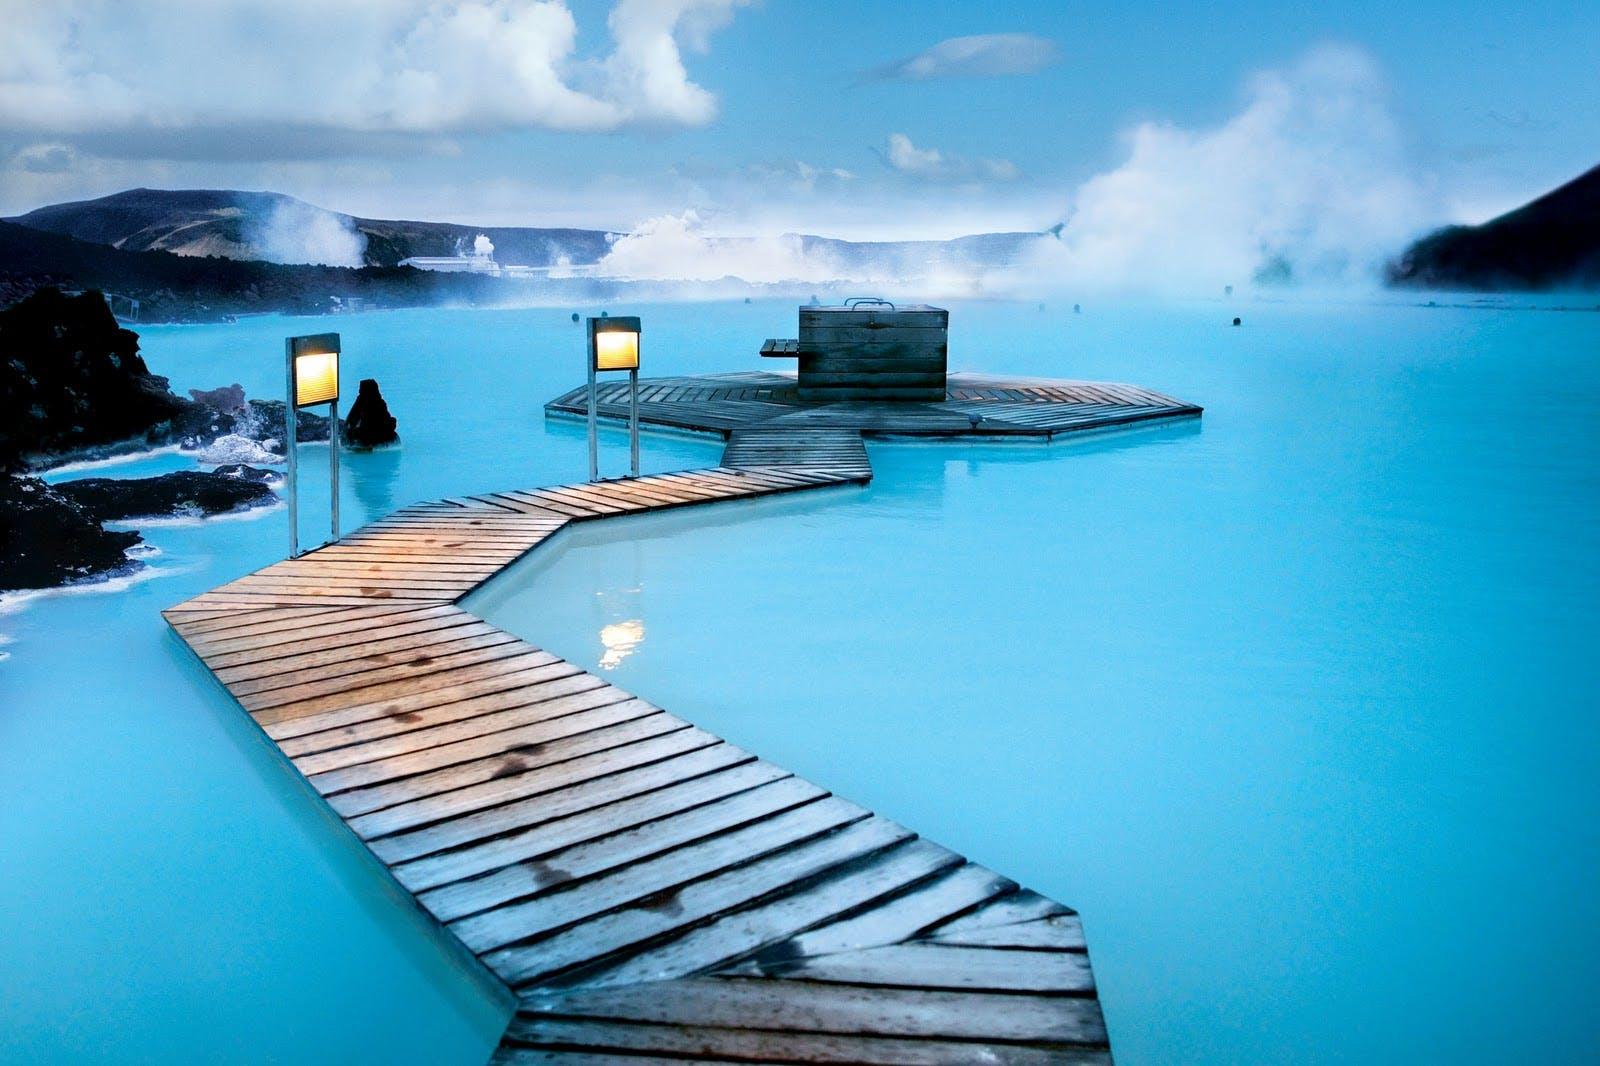 Comienza tu aventura en Islandia con un relajante baño en el spa geotérmico de la Laguna Azul.